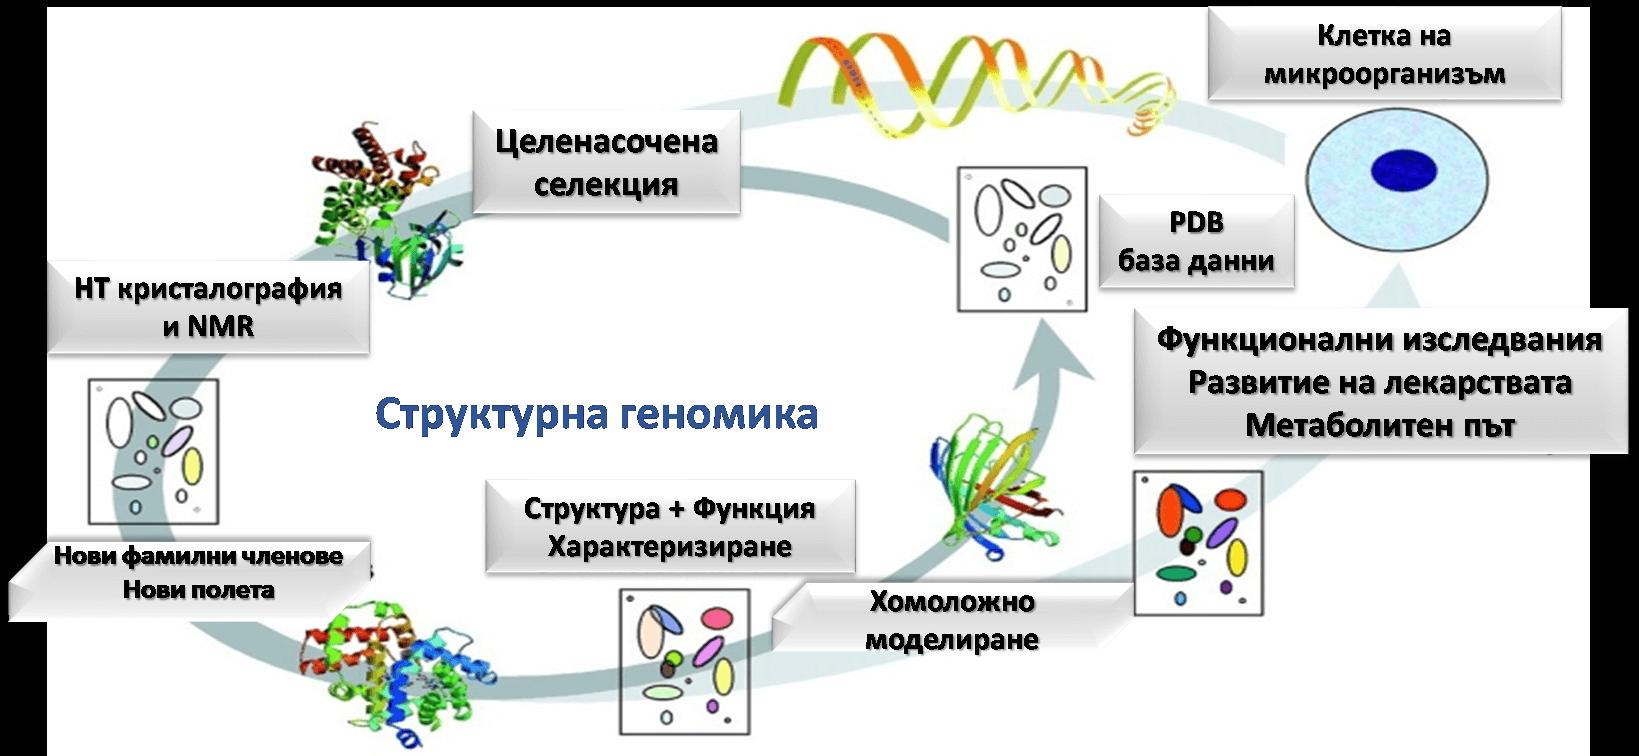 Фиг. 1. Структурна геномика